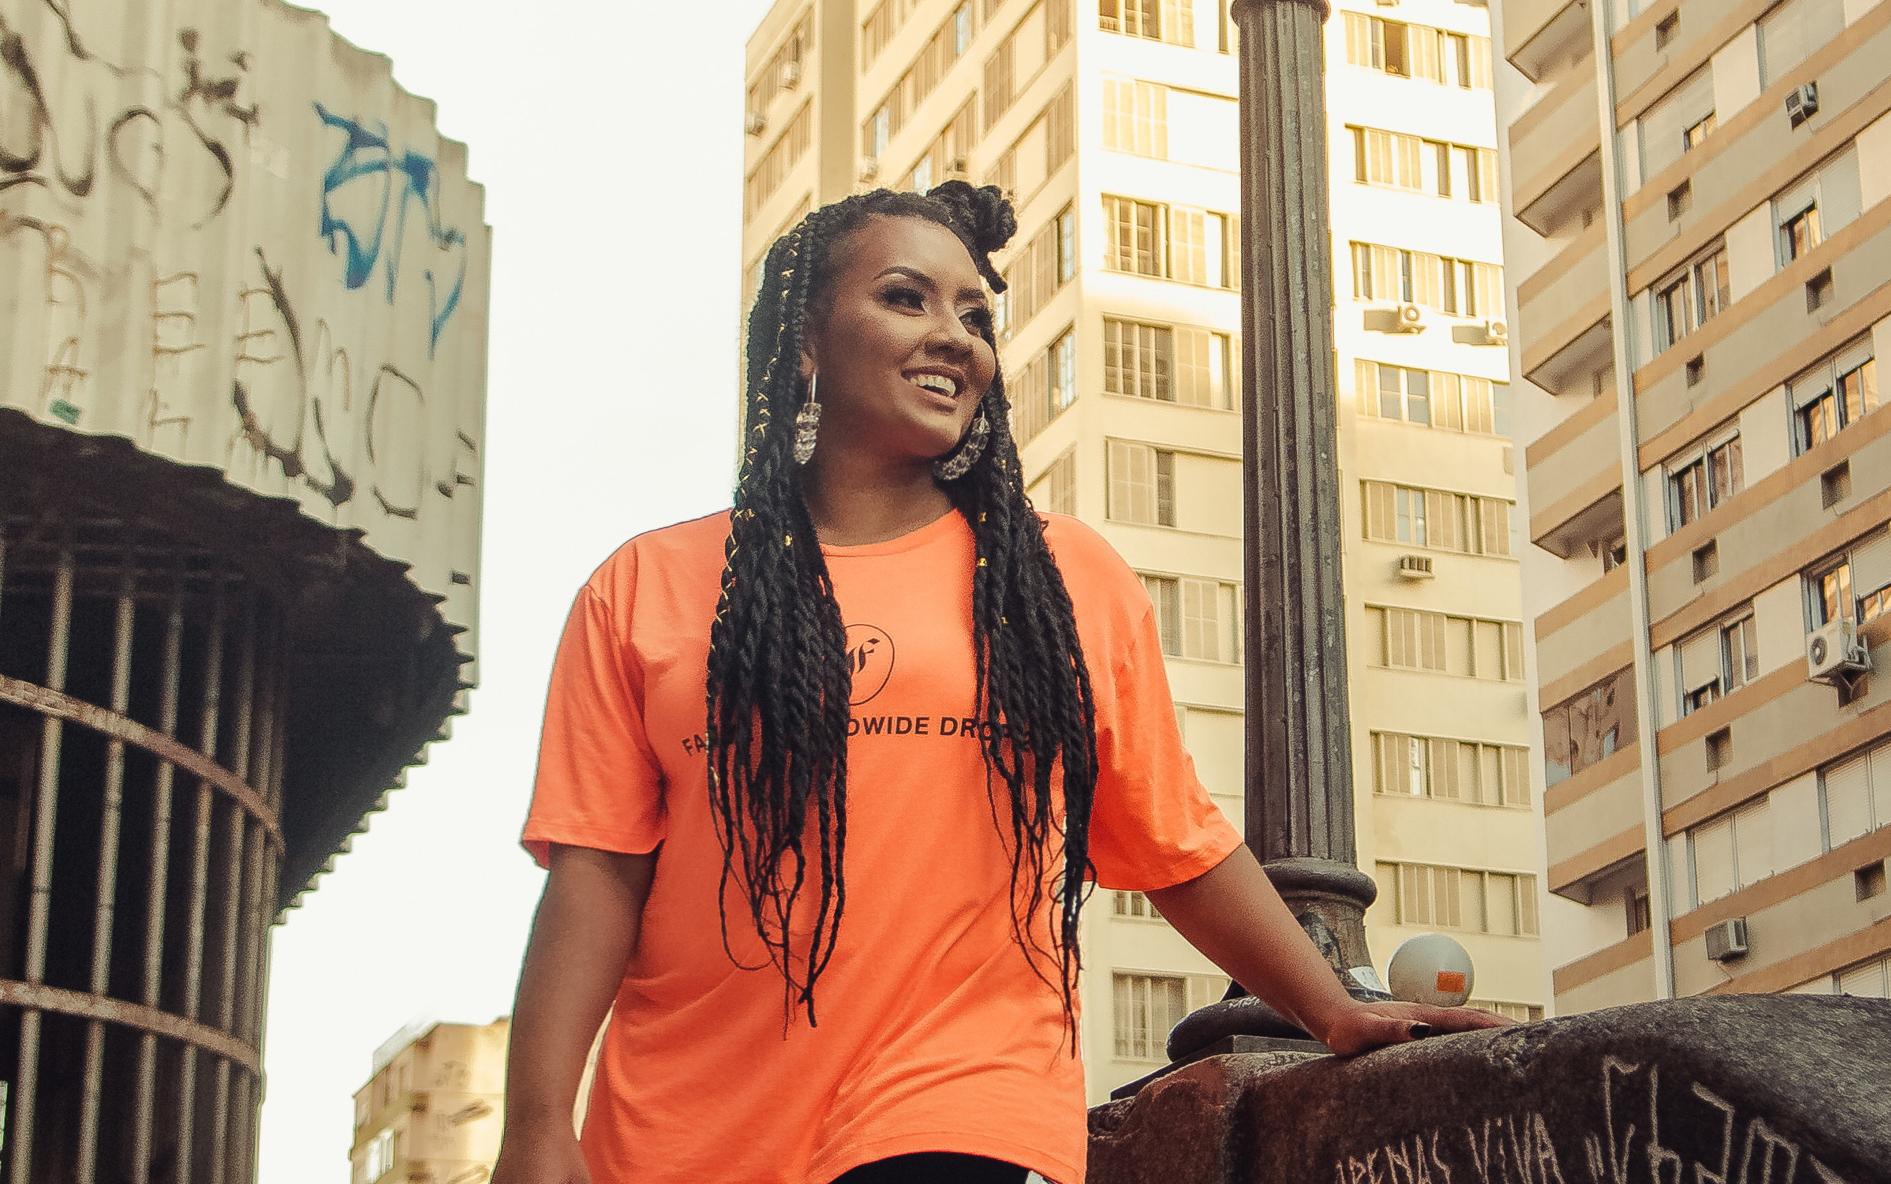 DJ Carola comenta em entrevista sobre sua nova track Carolas World lançada por sua própria label a Tropical Feelings